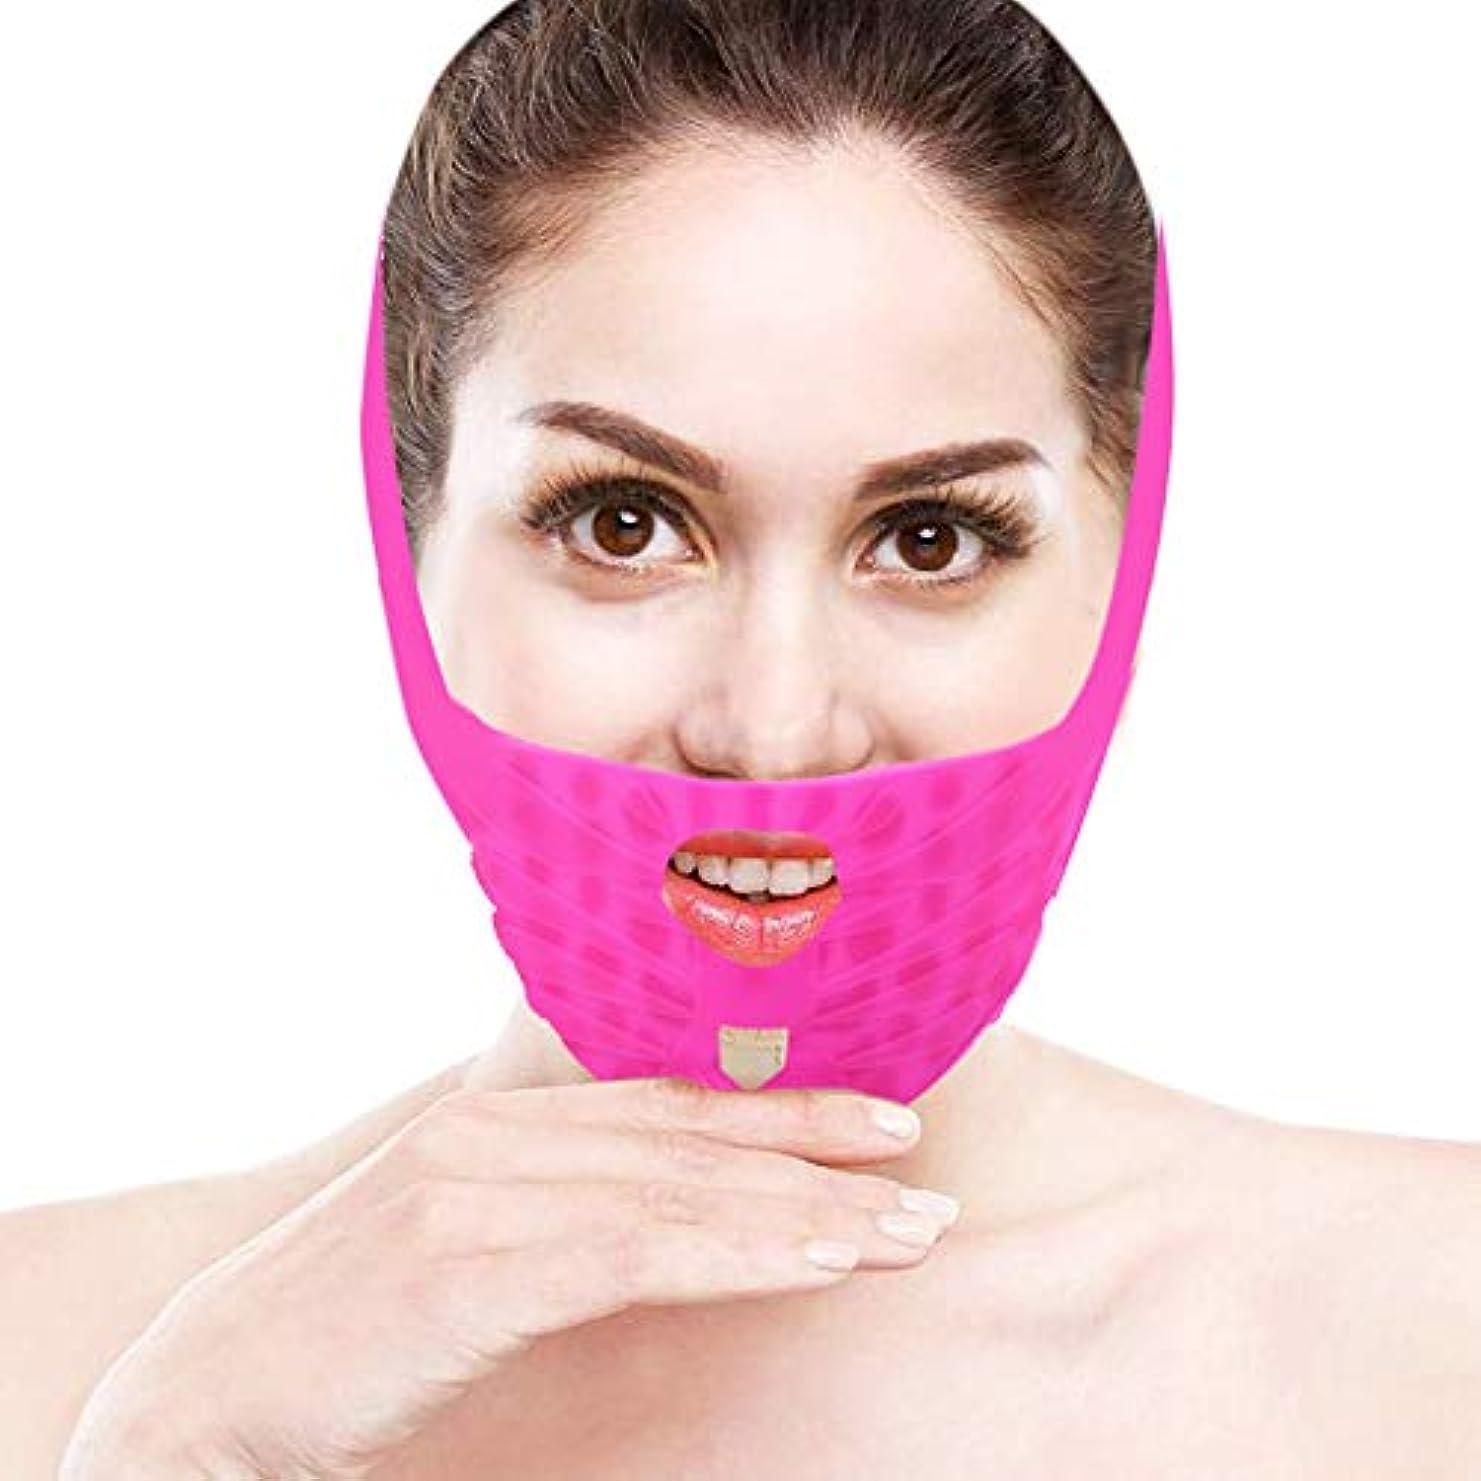 私たちのもの太い欠員フェイススリミングマスク シリコン包帯 Vラインマスク